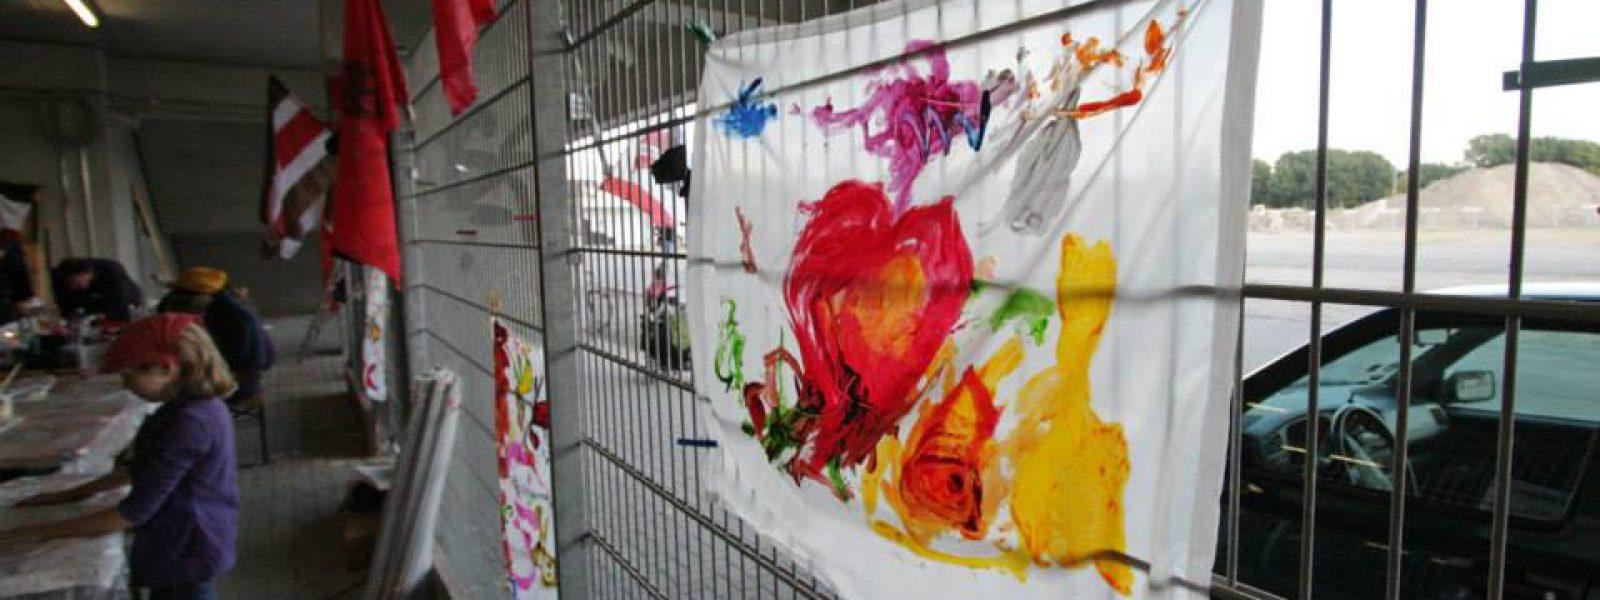 Fussball und Liebe Fahnenworkshop (Foto Antje Frohmüller)_12